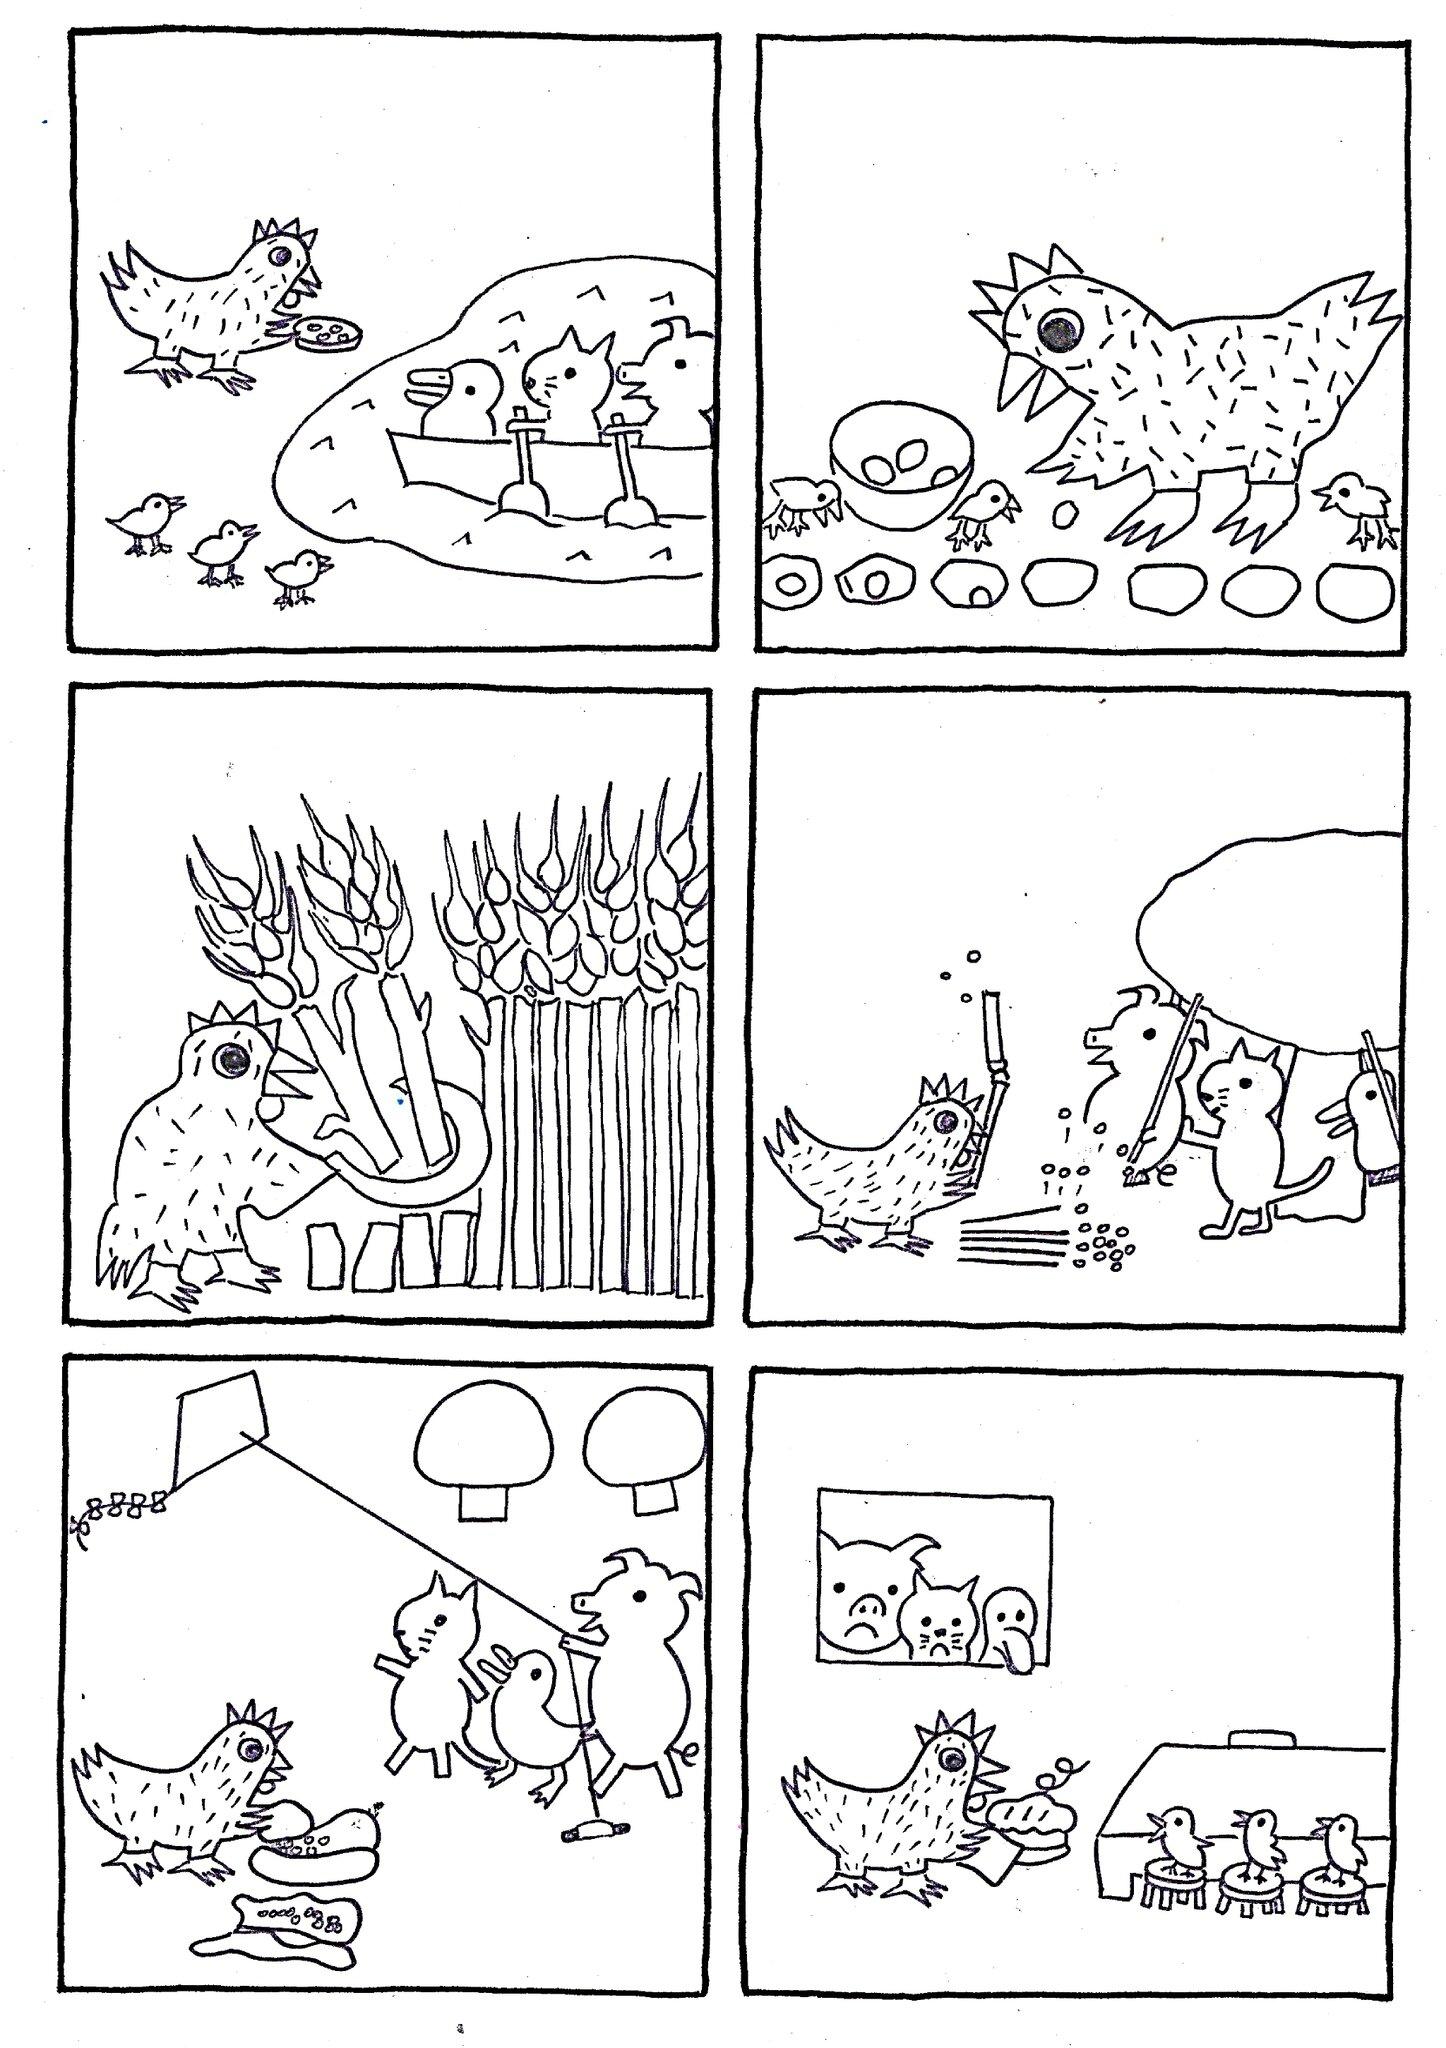 La Petite Poule Rousse Images Séquentielles : petite, poule, rousse, images, séquentielles, Images, Séquentielles, L'album:, Petite, Poule, Rousse, Byron, Barton,, édition, école, Loisirs, Bonjour, Soleil